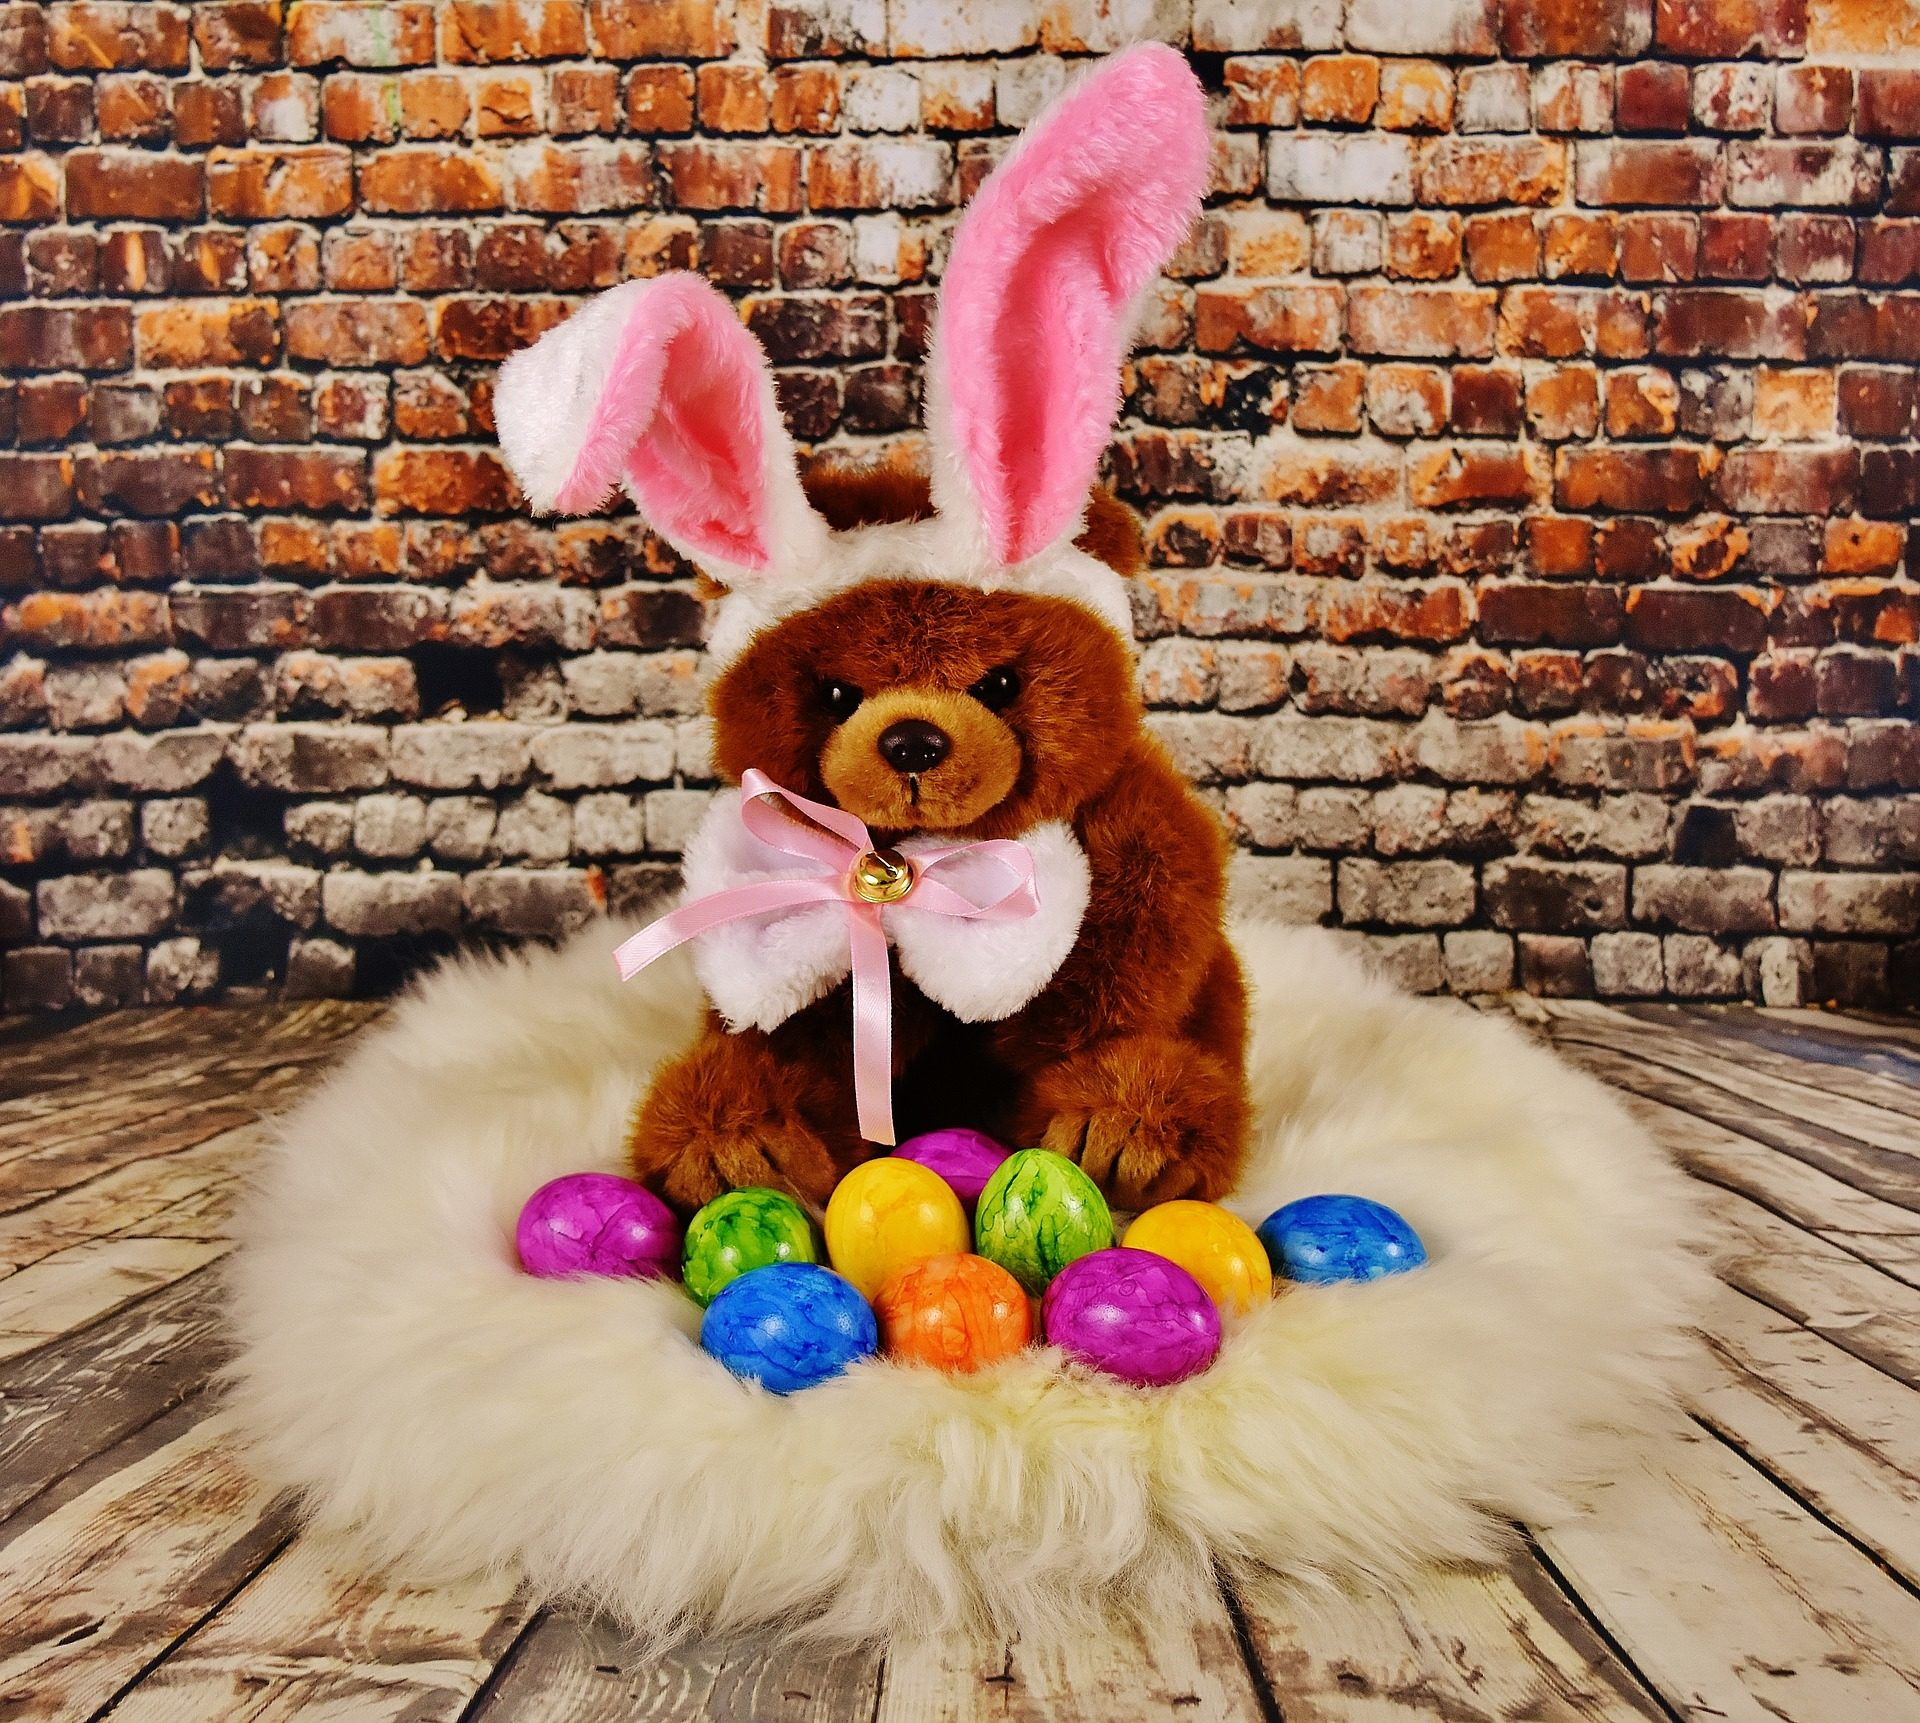 Teddy, ovos, Páscoa, colorido, Coelho, orelhas - Papéis de parede HD - Professor-falken.com